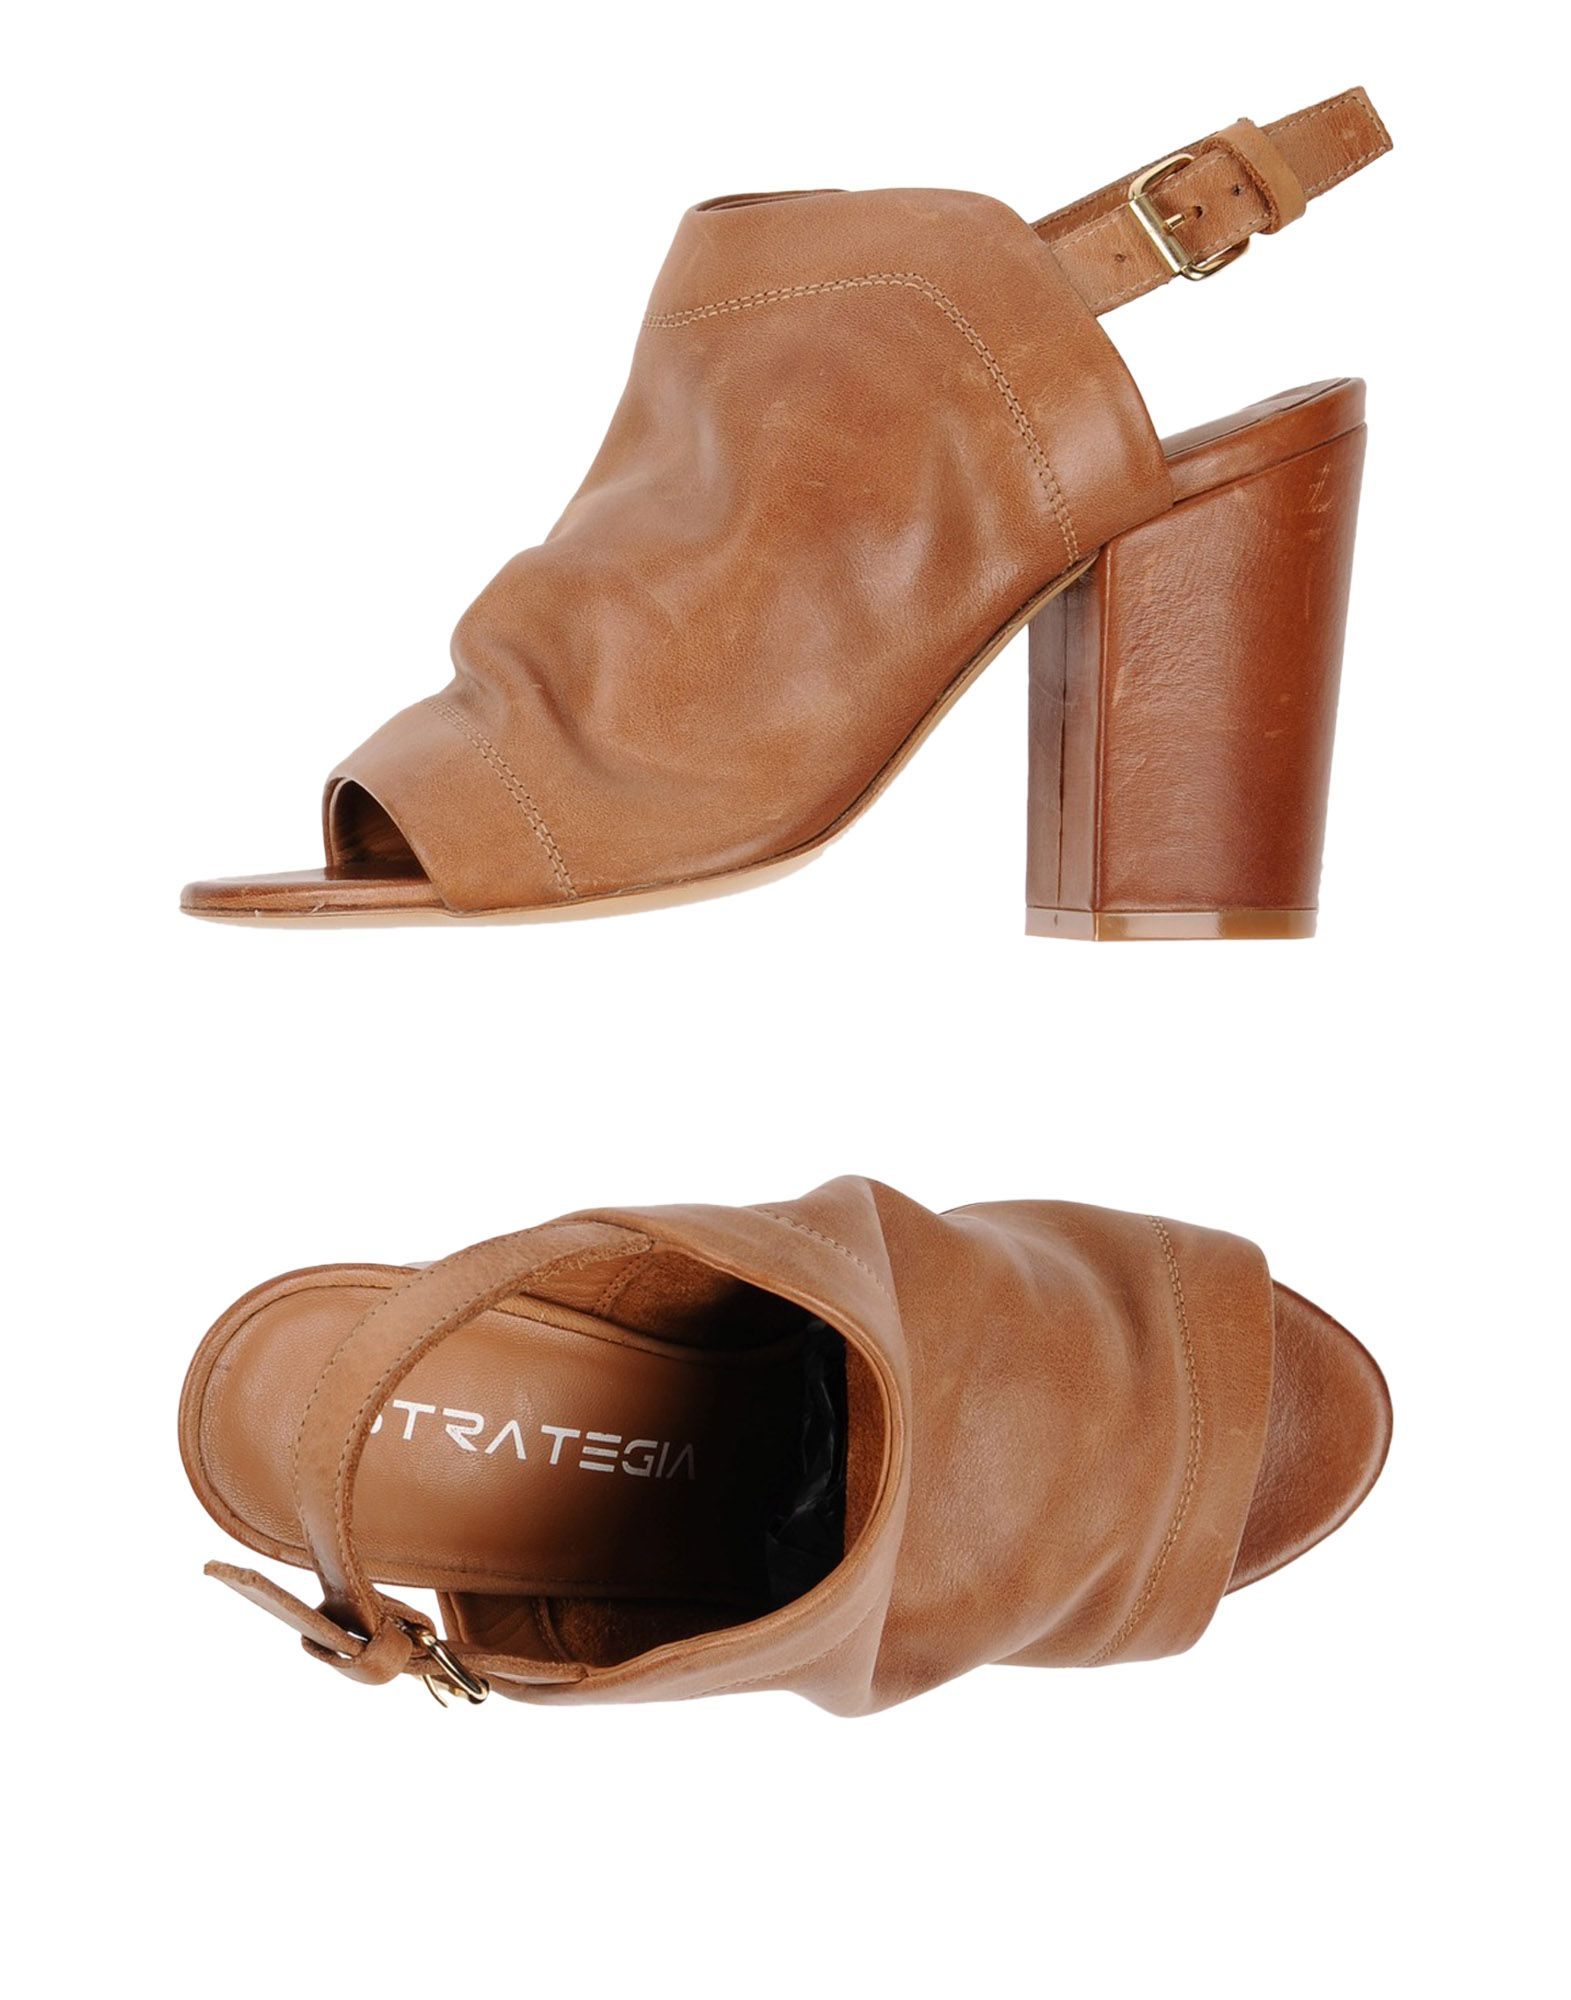 Strategia Sandalen Damen  11438058VG Gute Qualität beliebte Schuhe